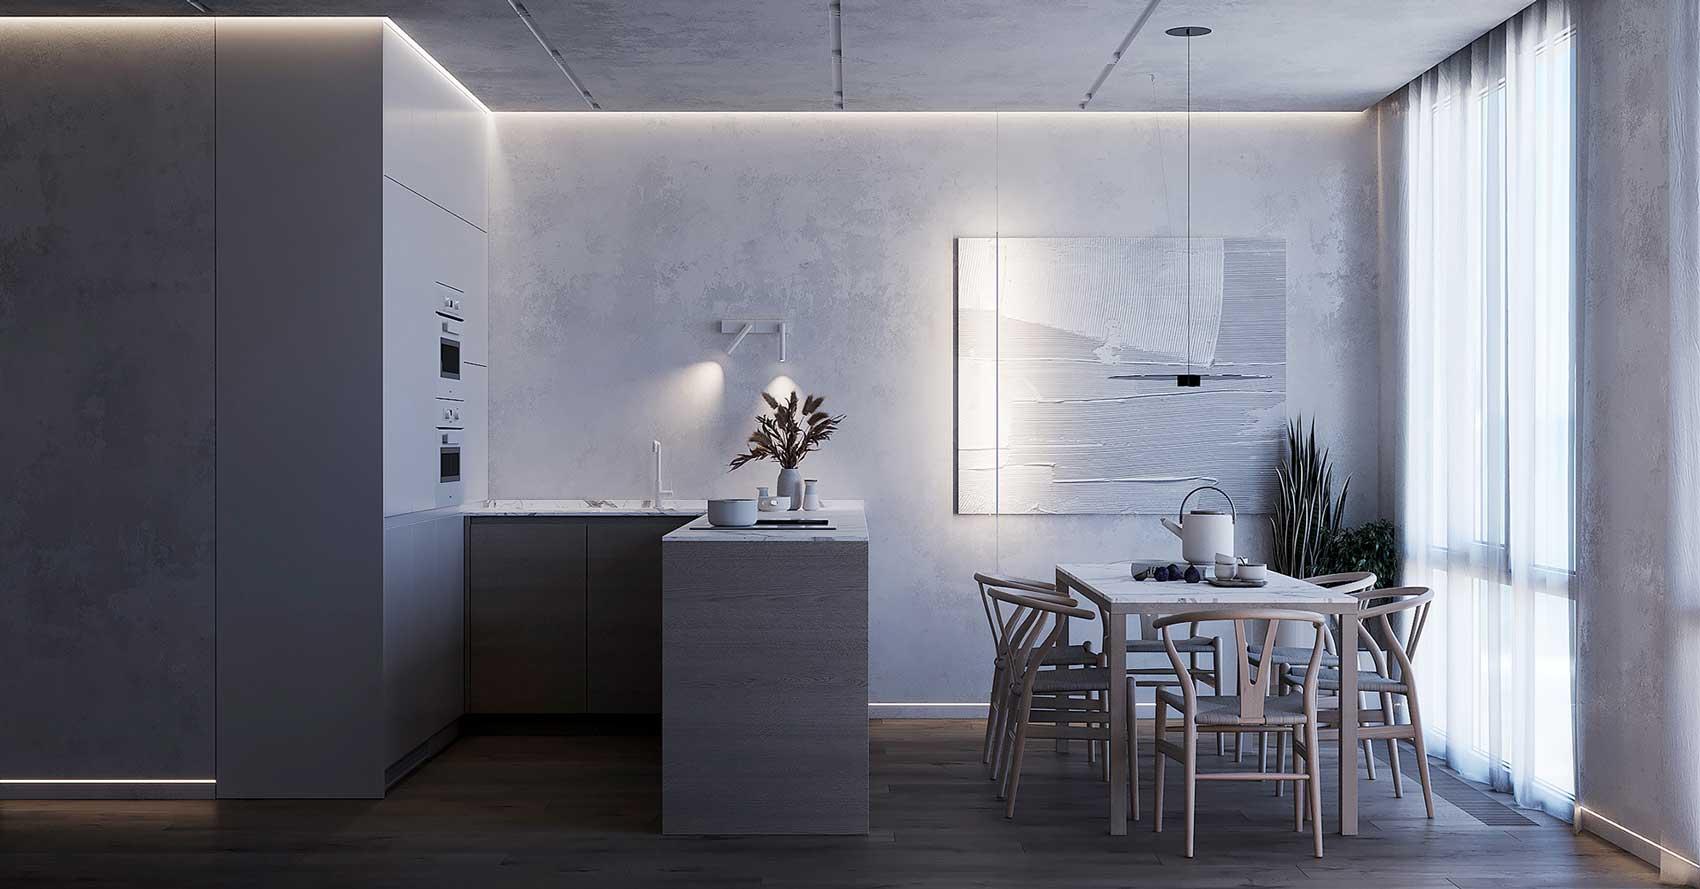 Un intérieur minimaliste aux couleurs pâles qui sont mises en valeur par un éclairage bleuté